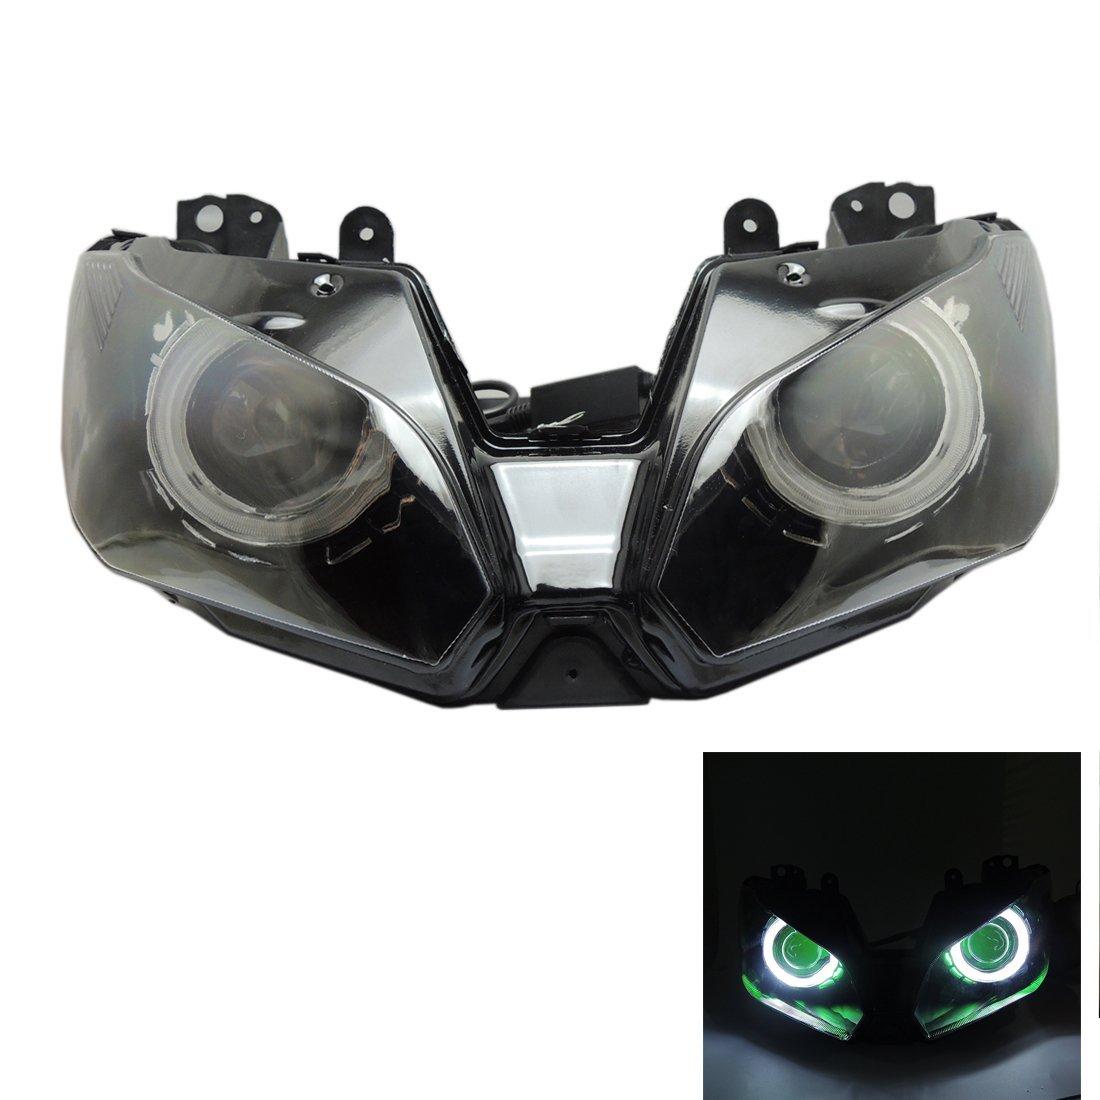 zx-6r Headlight Assembly Angel Eye HID Projector Custom for Kawasaki NINJA 250 300 EX250L EX300 2013- 2015